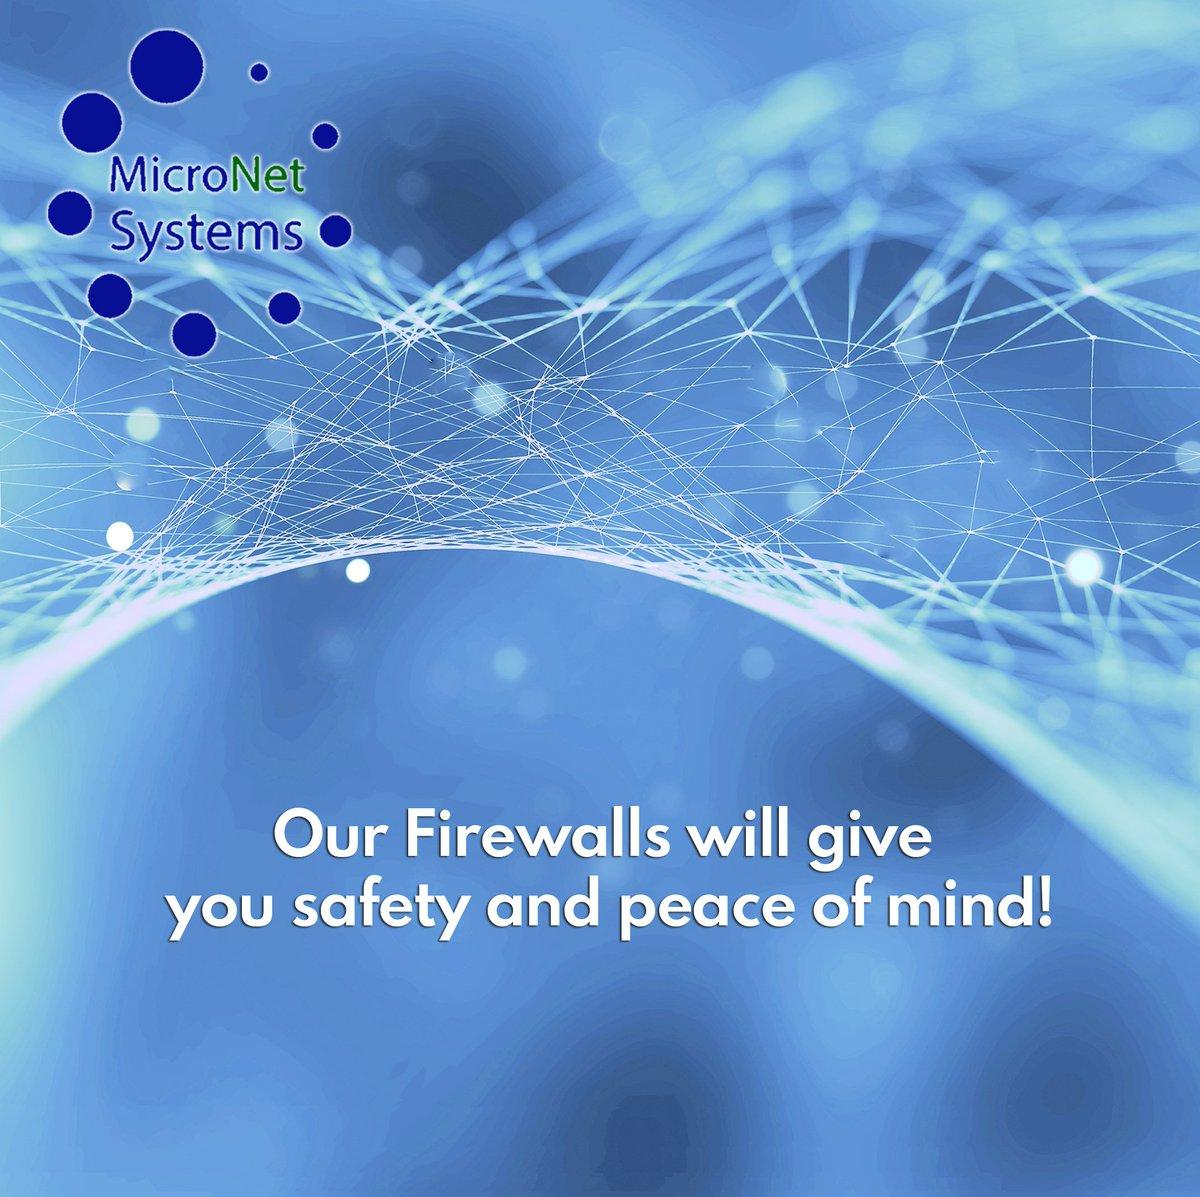 برچسب #firewall در توییتر